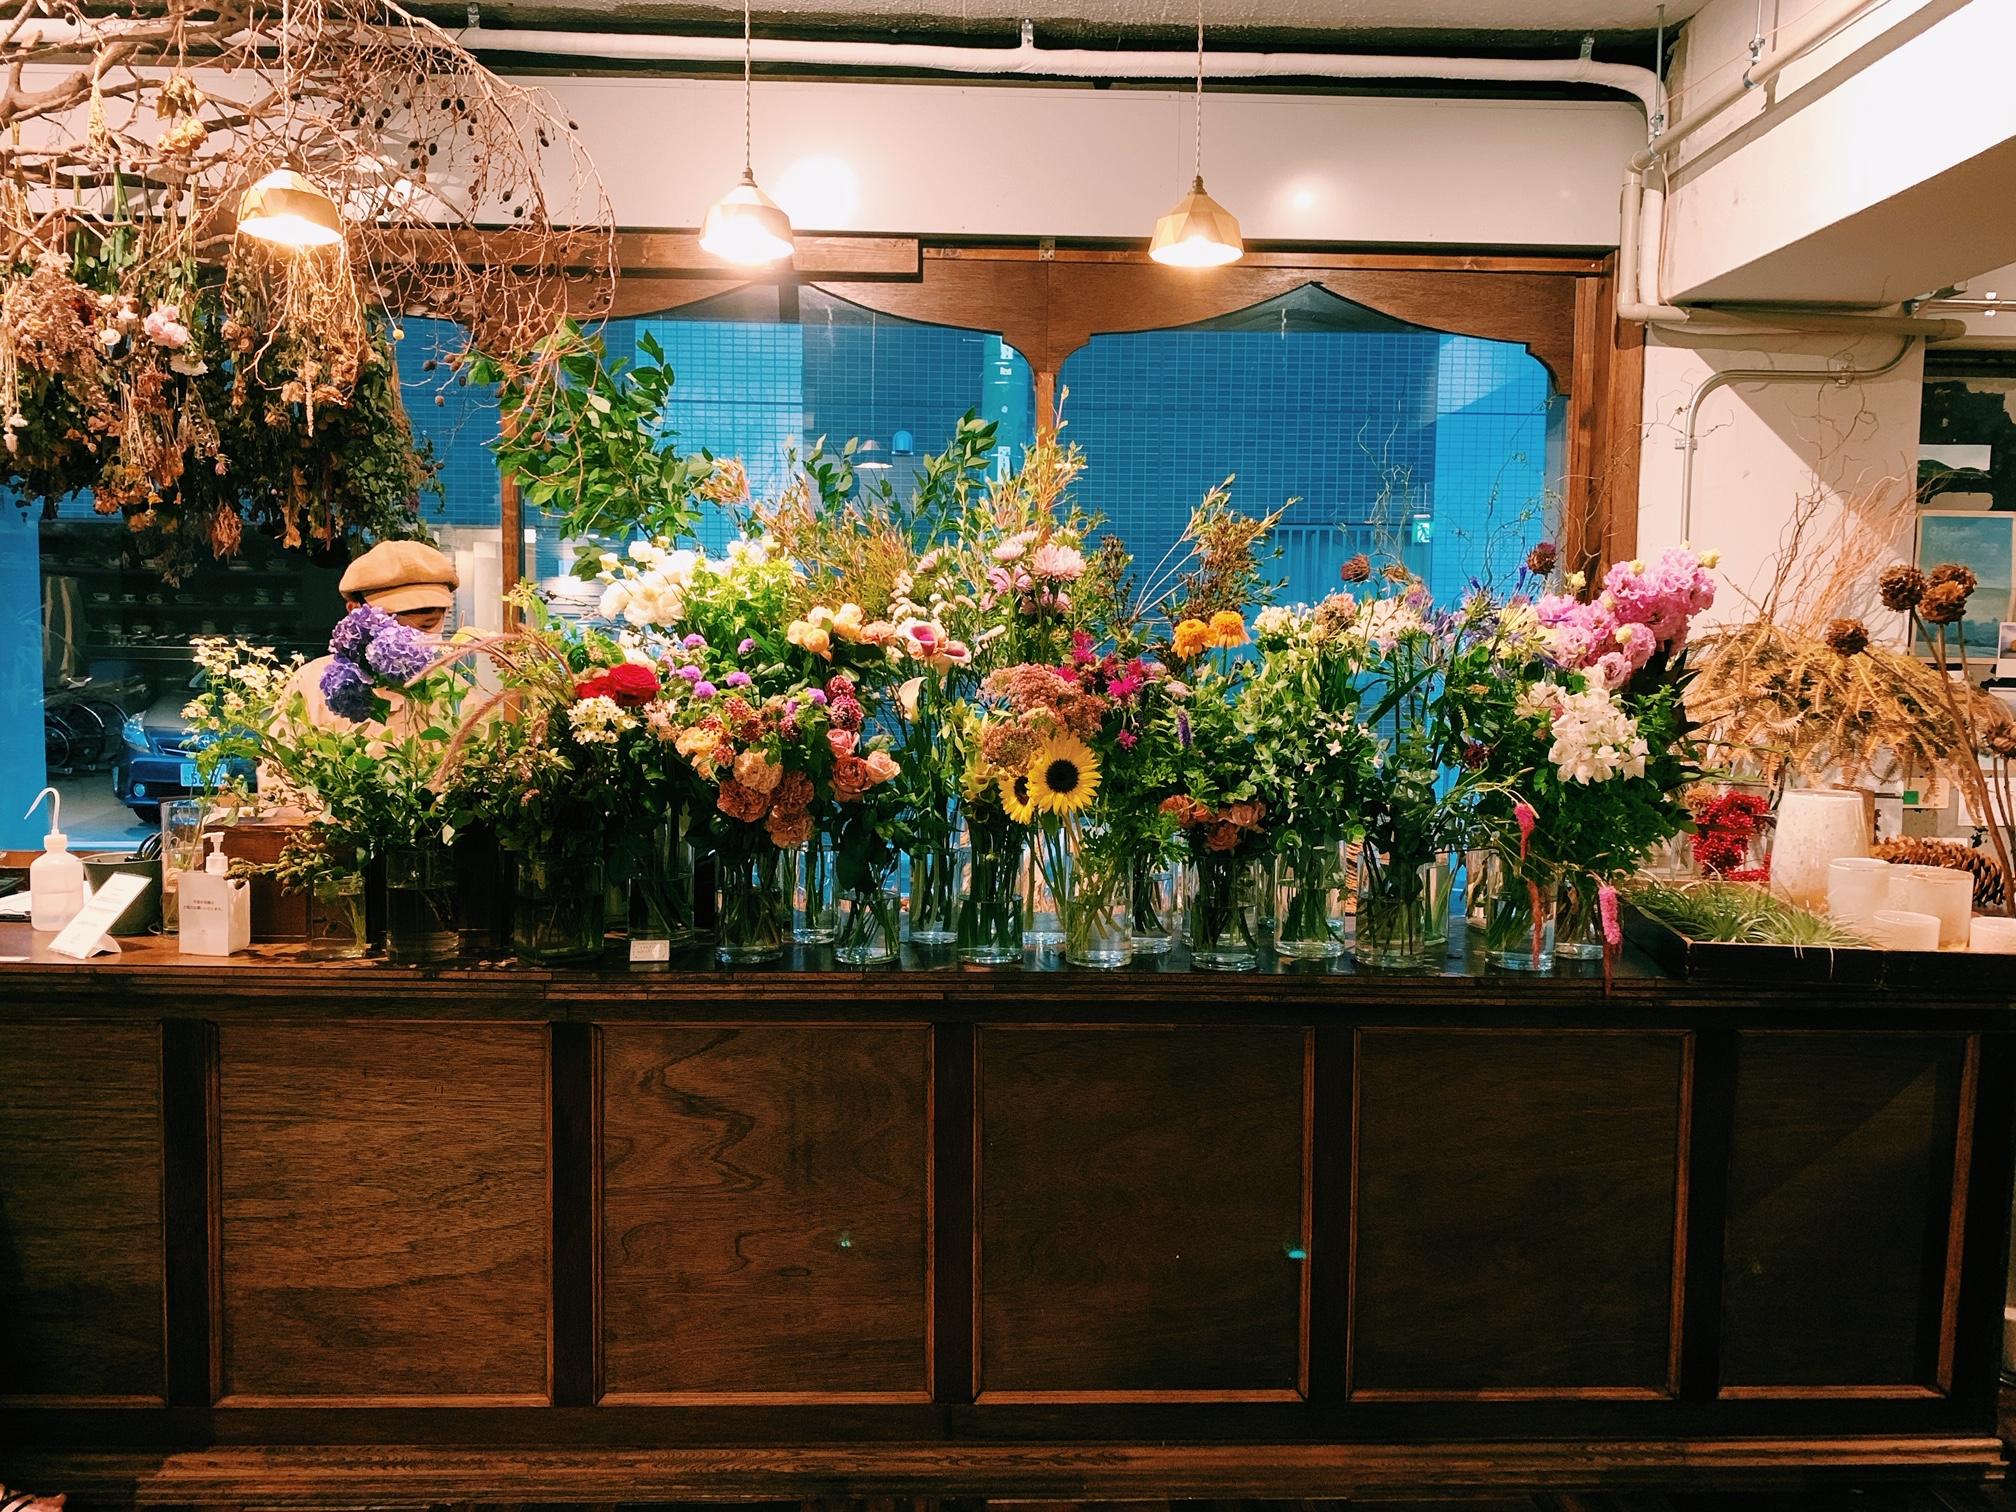 【おすすめカフェ】扉を開けると《お花×アンティーク》の素敵空間♡_4